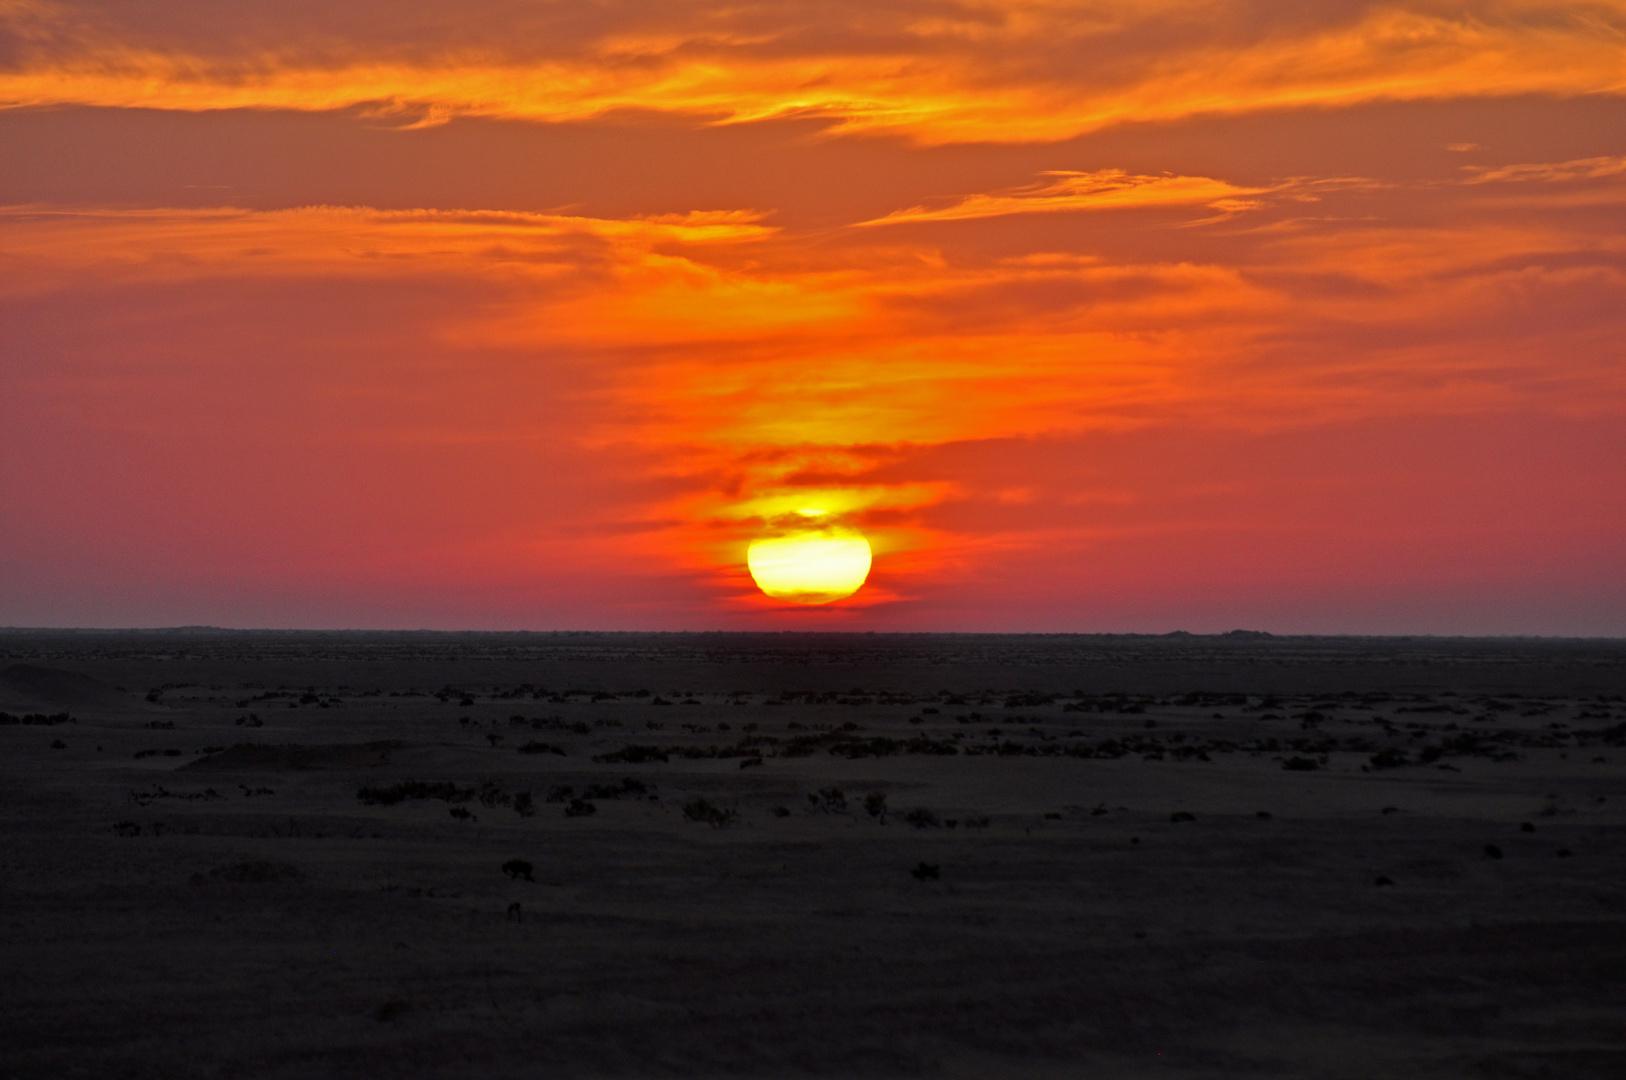 Sonnenaufgang in der Wüste Chott el-Djerid (Tunesien)